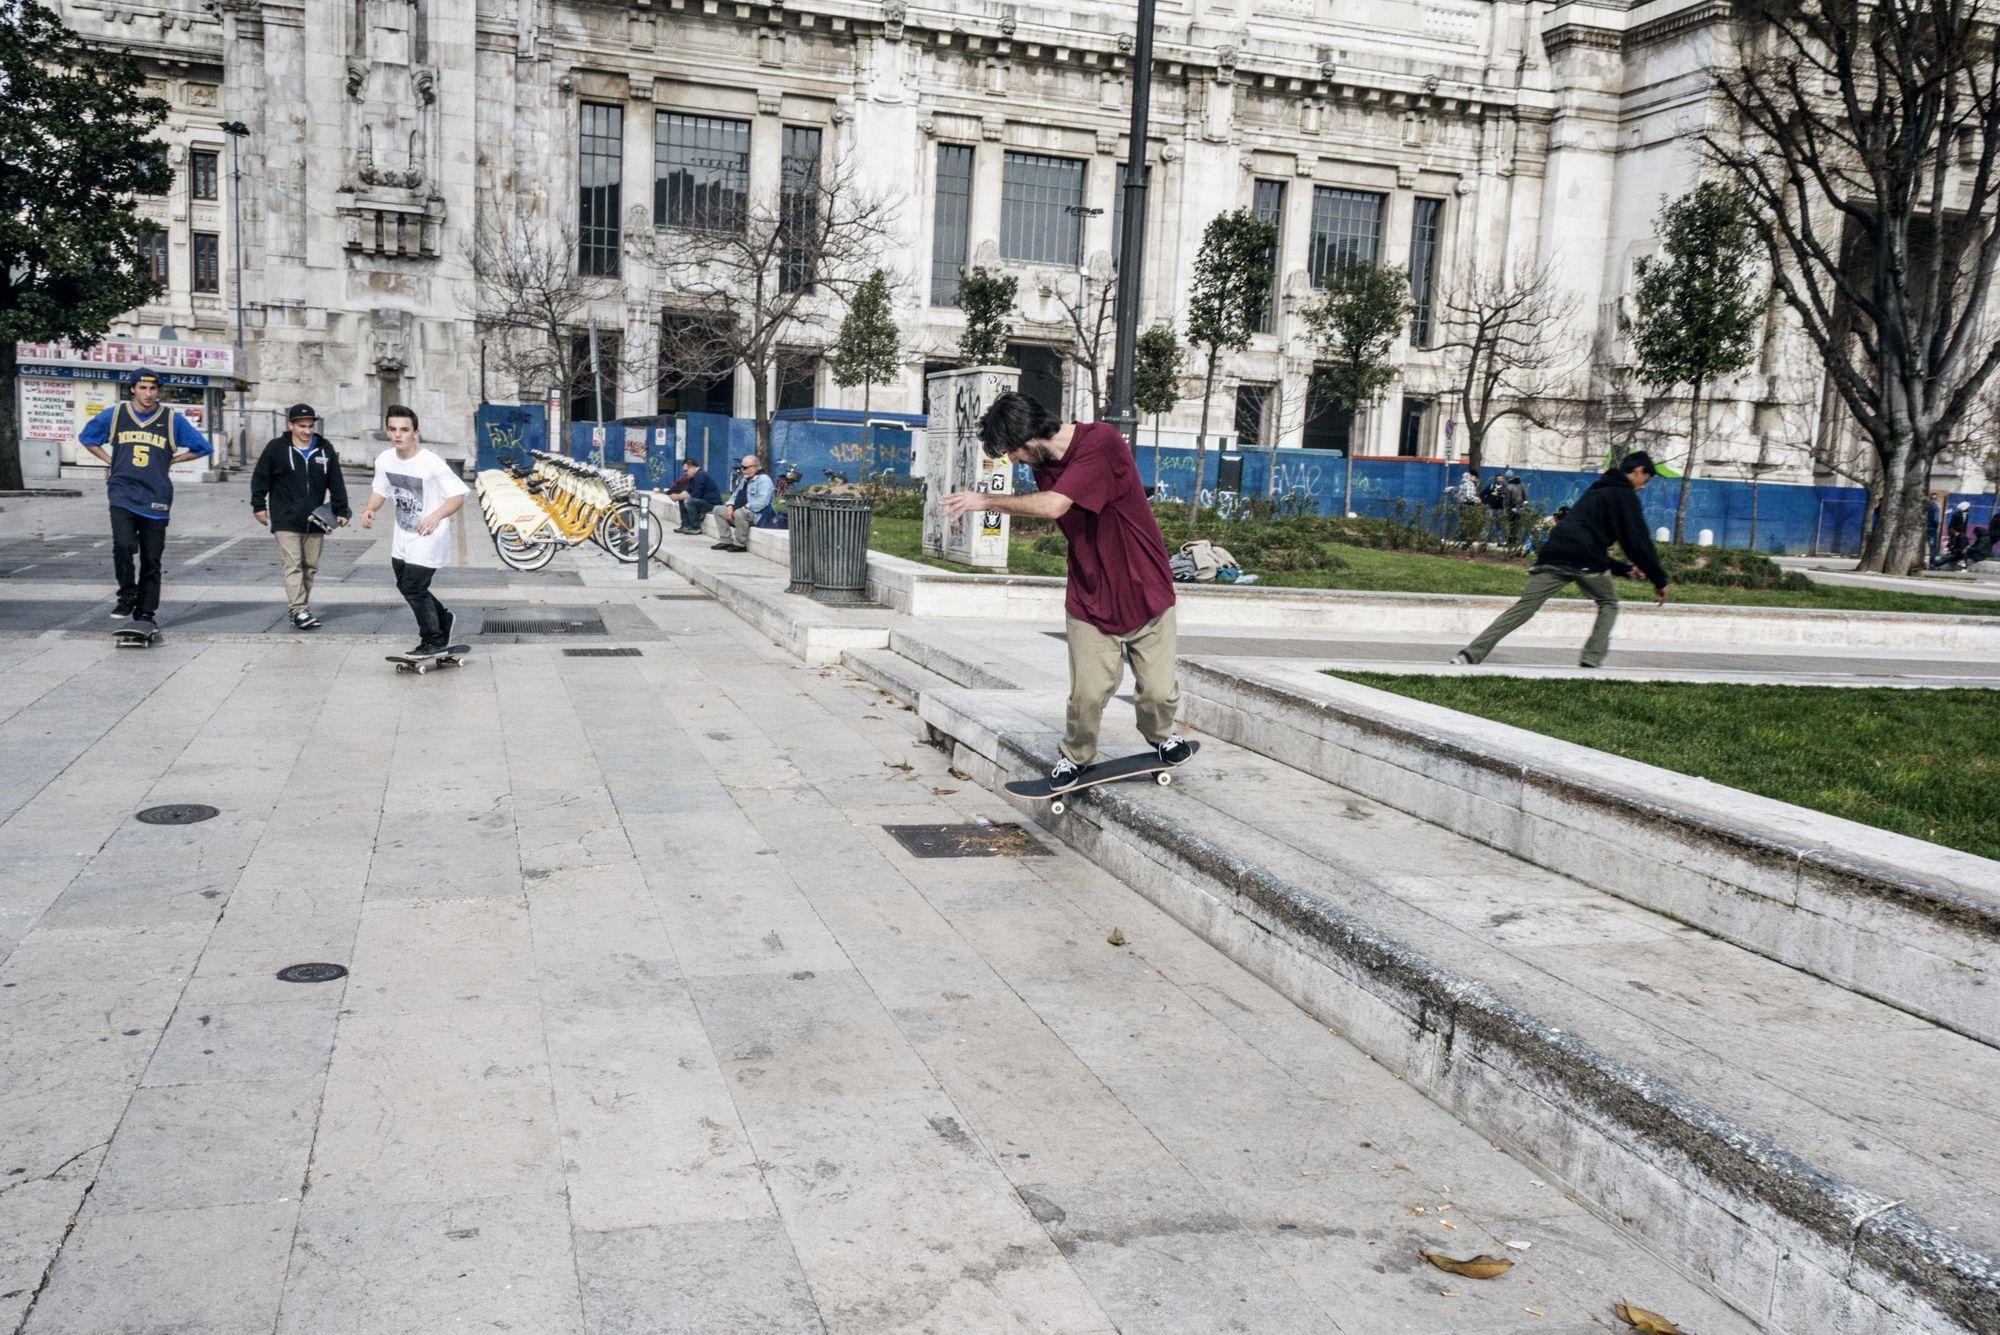 Uno skateboarder esegue un trick davanti alla Stazione Centrale di Milano